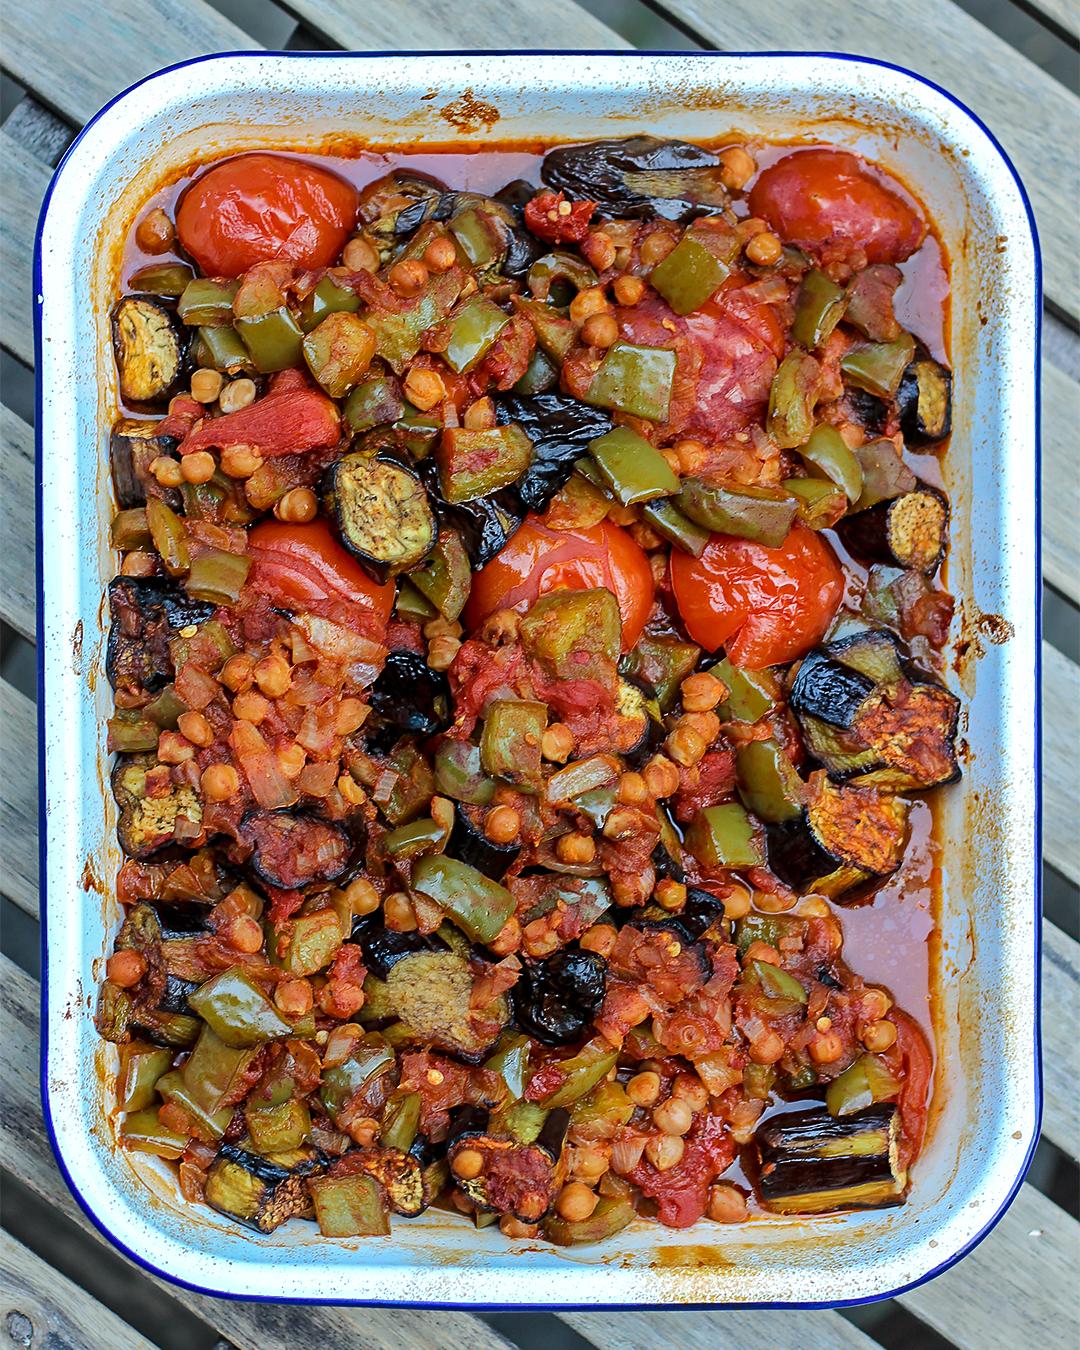 Recept: Ovenschotel met aubergine, kikkererwten en tomaten @ Lauriekoek.nl